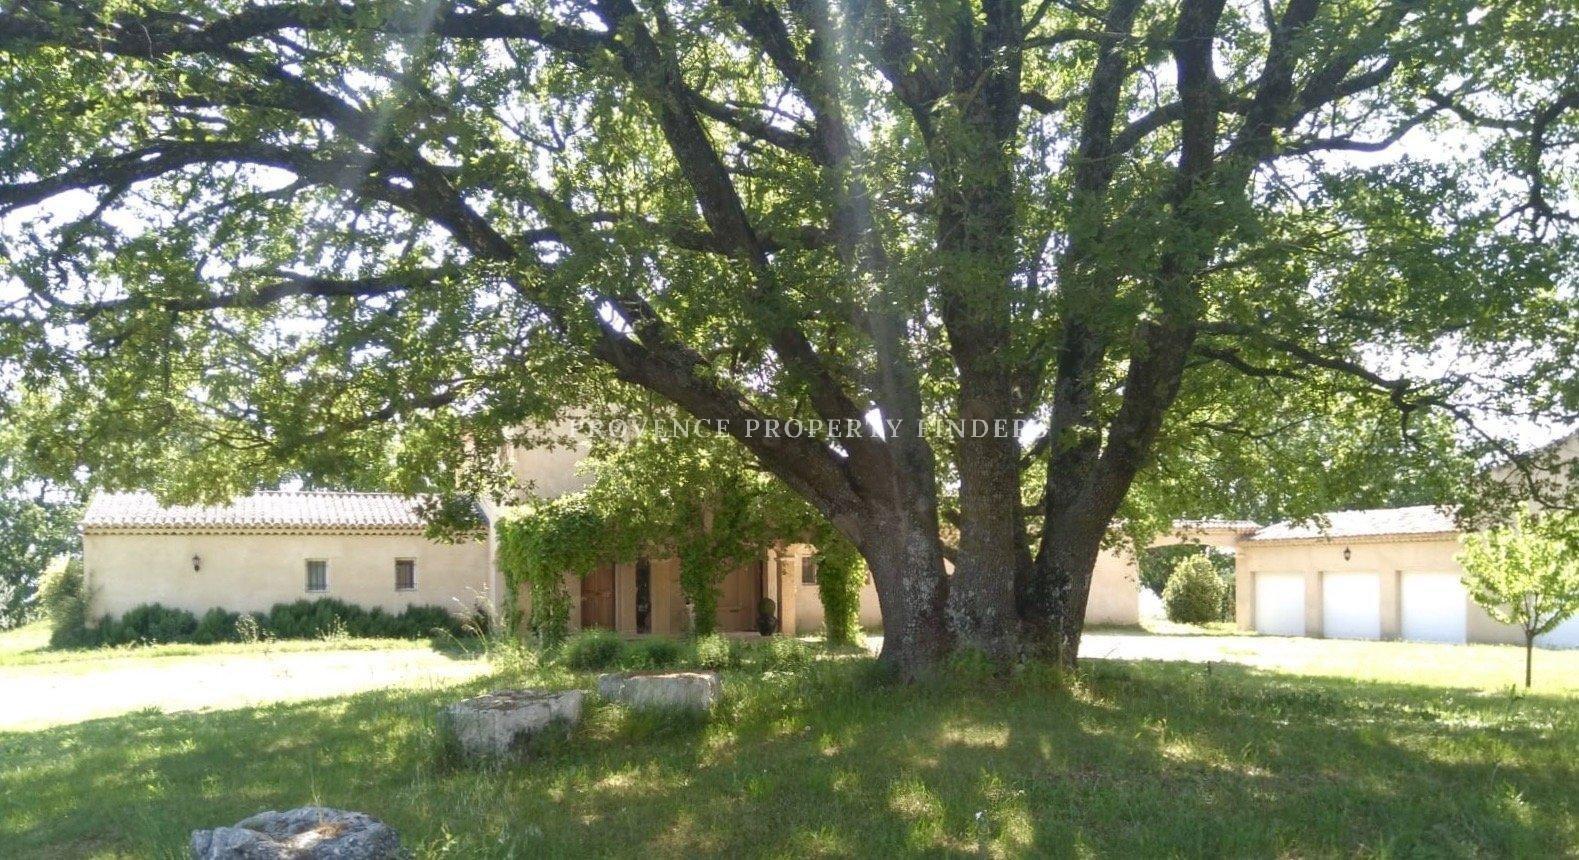 Uw eigen domein op het platteland in de Provence